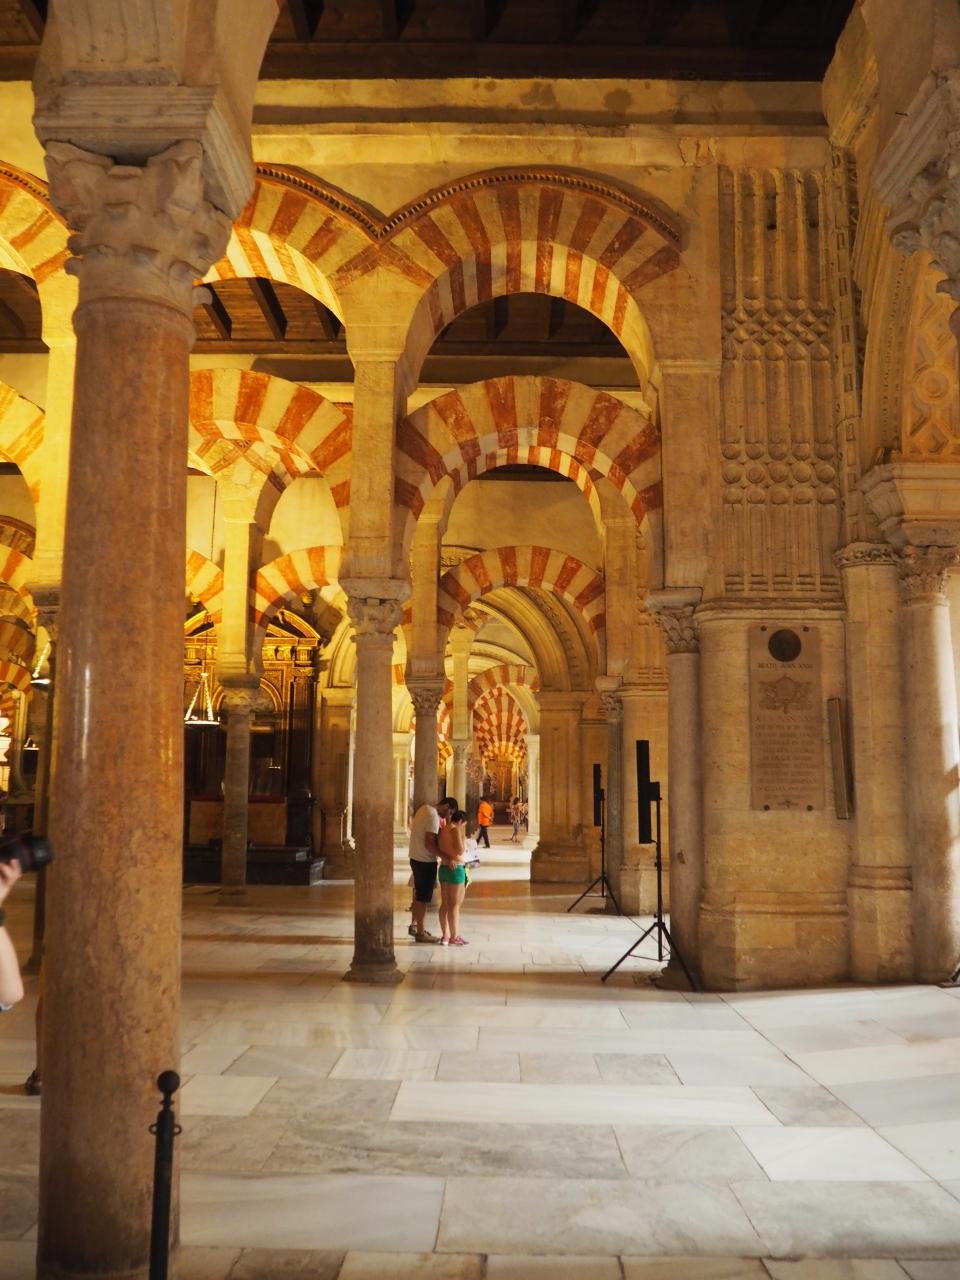 Inside Mezquita